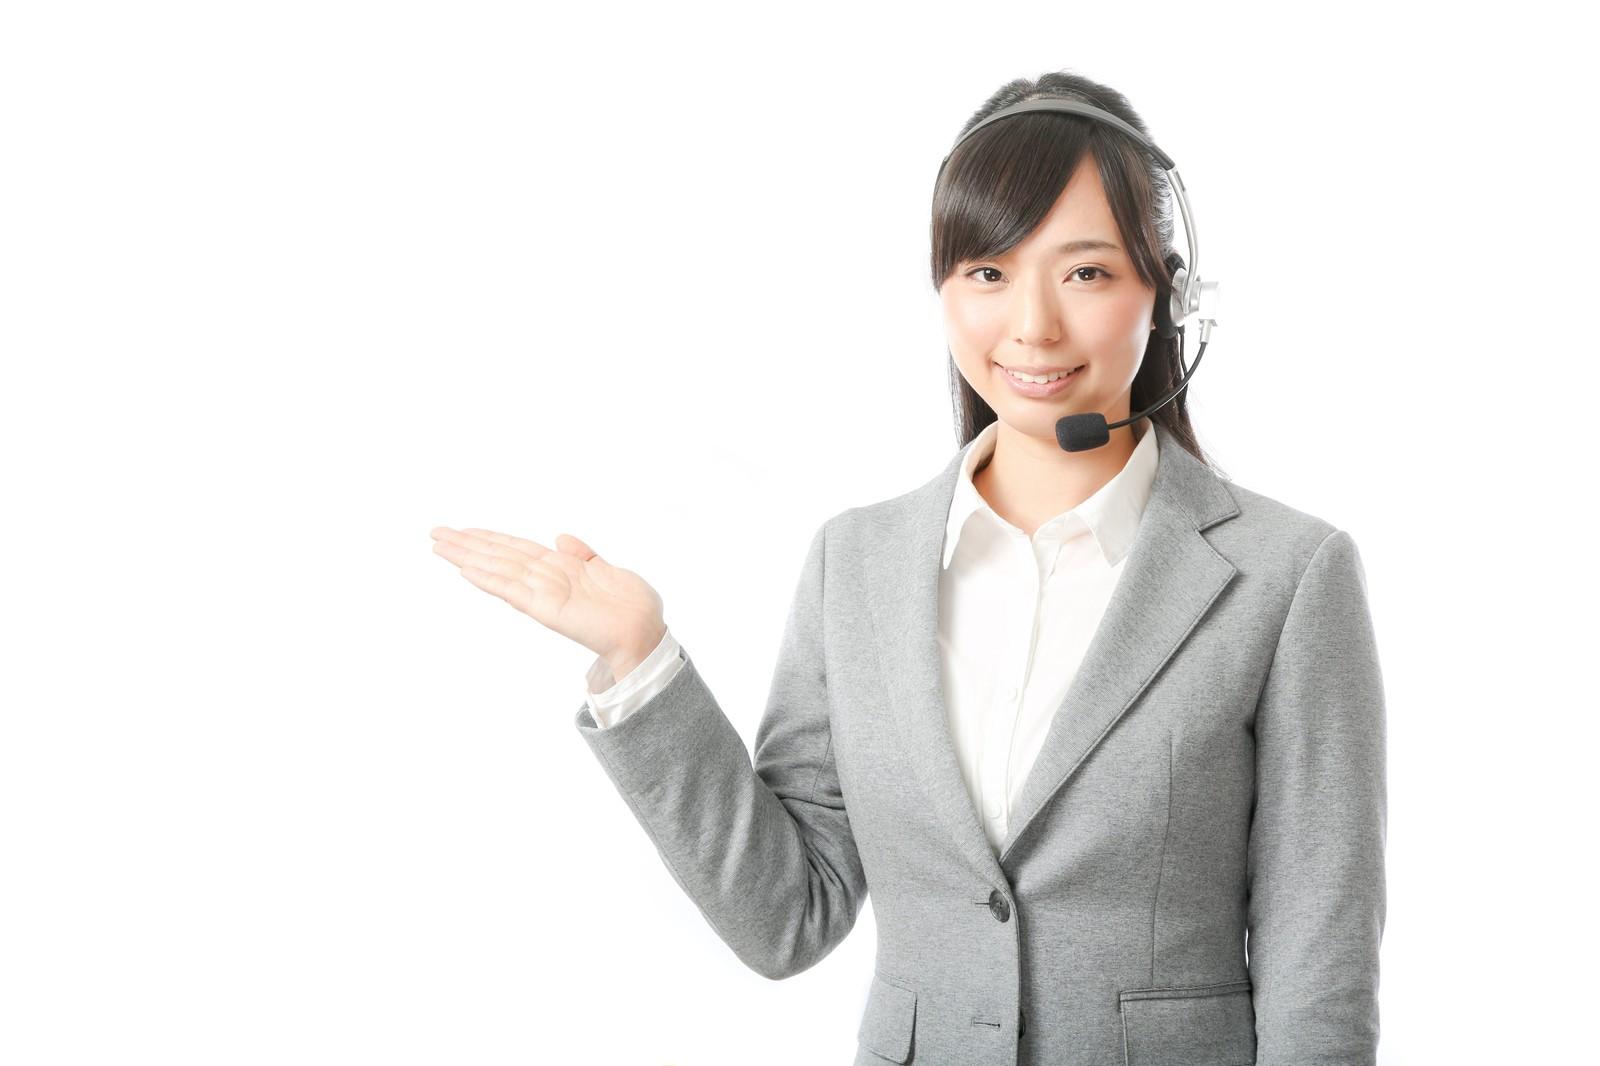 コールセンターでオペレーターが上手な話し方をするにはマニュアルに頼りすぎない事です